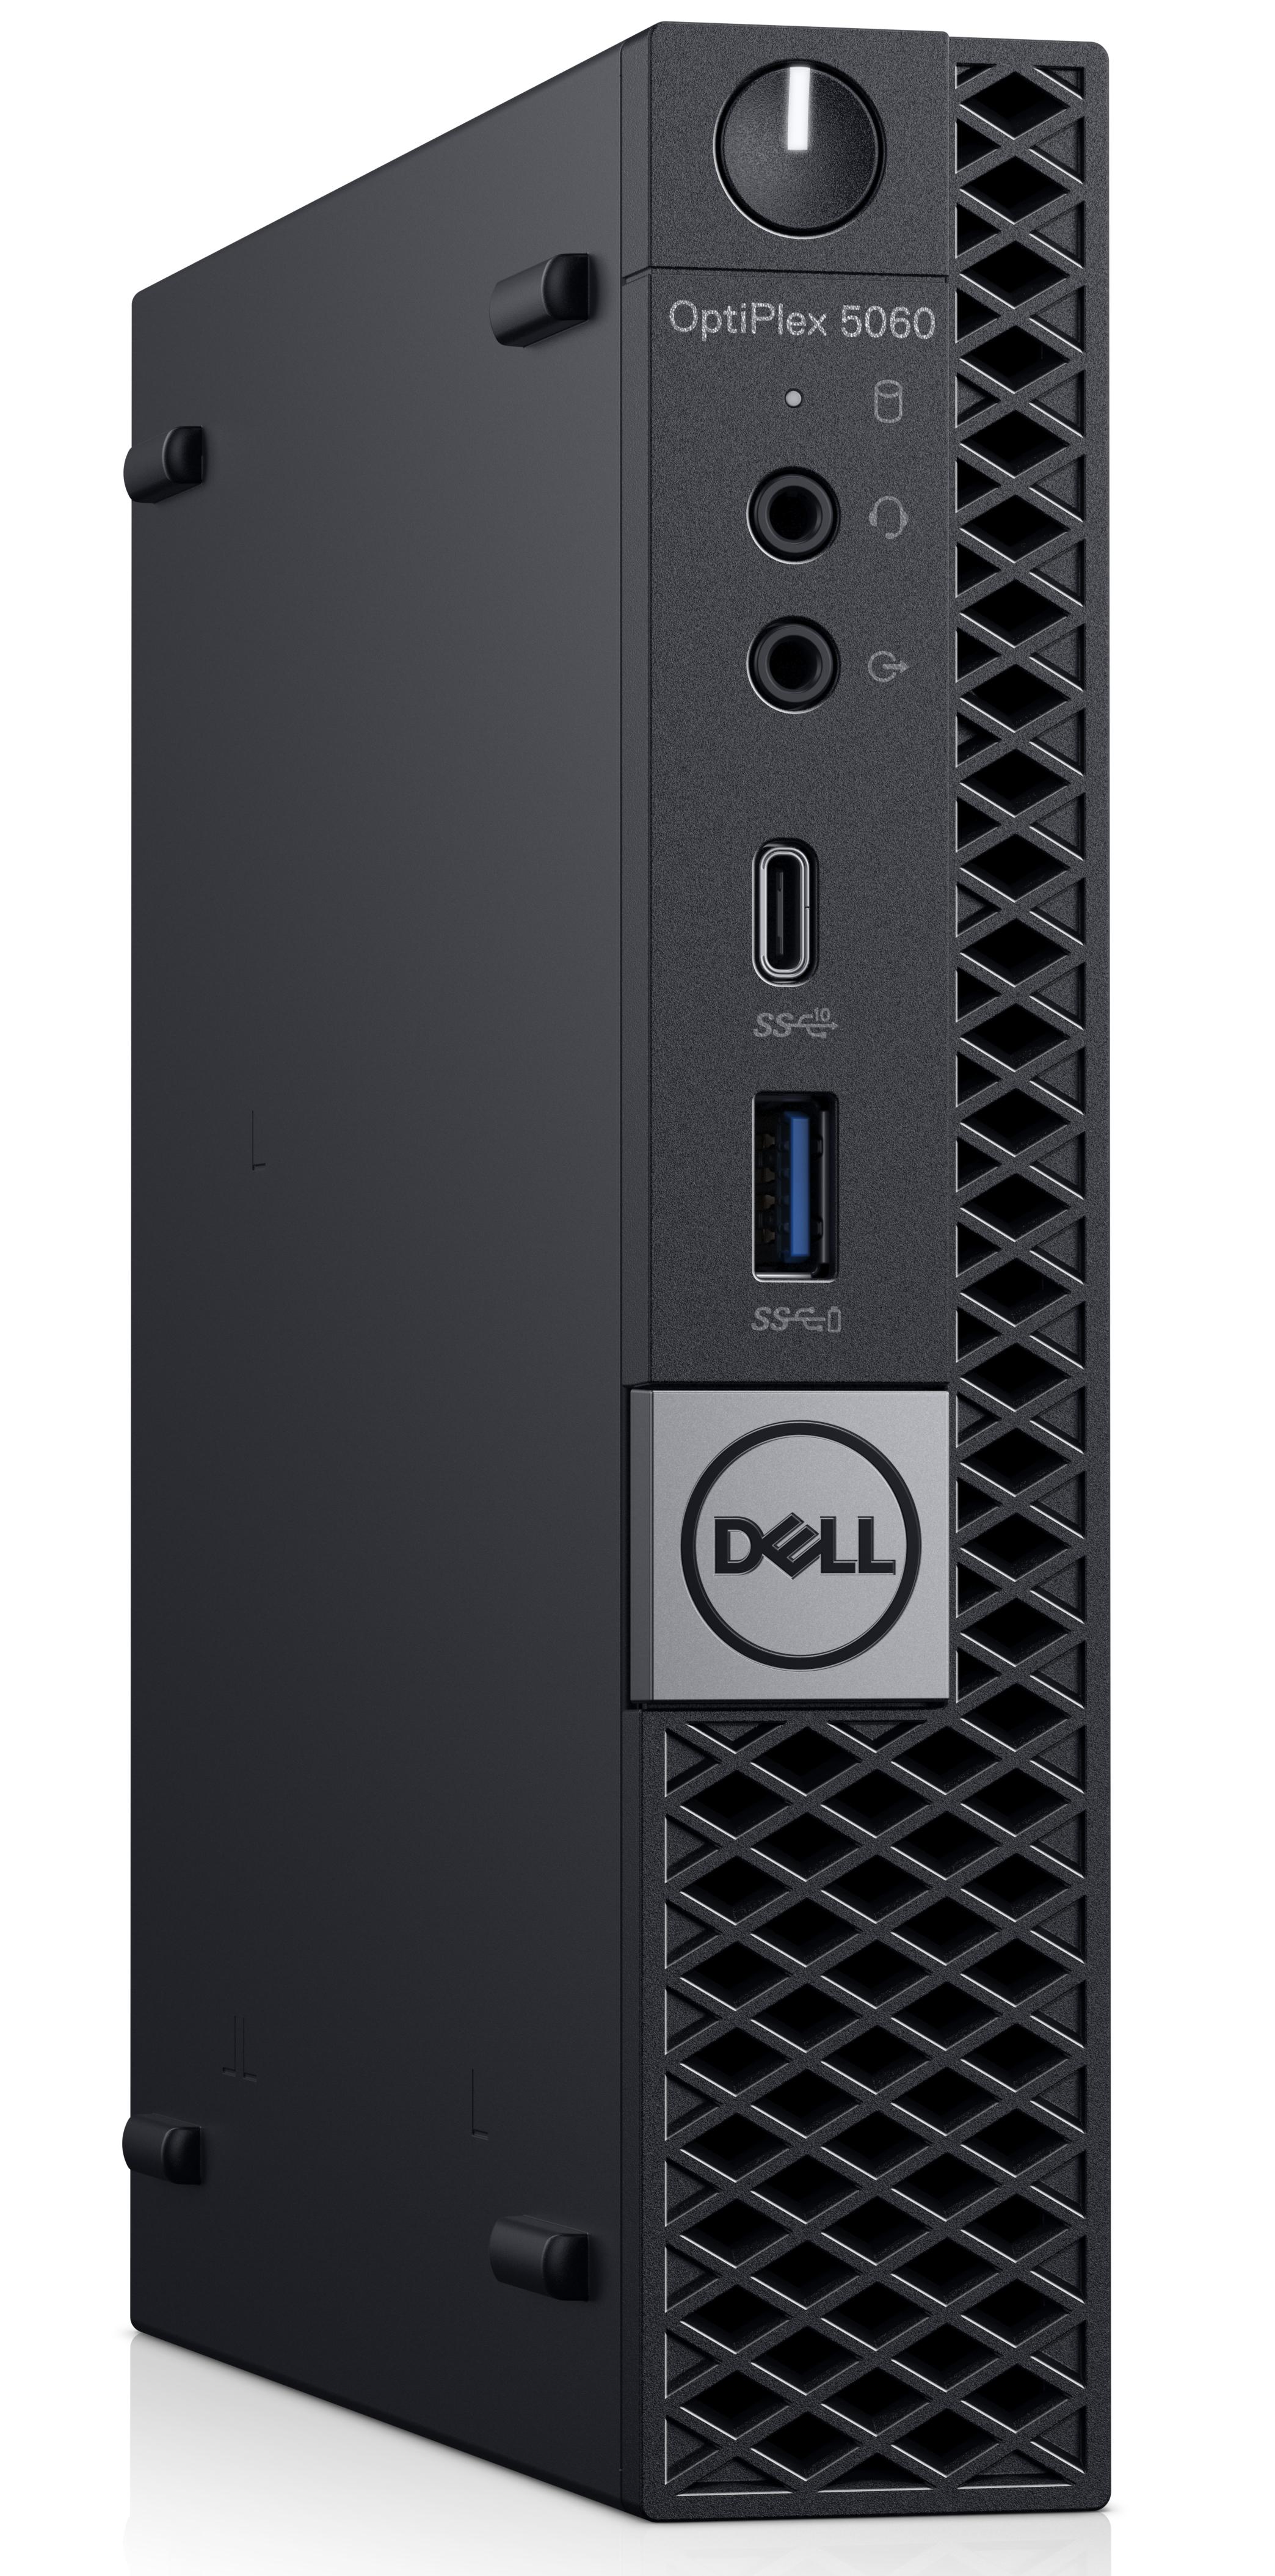 DELL OptiPlex 5060 2.1GHz Nero Mini PC